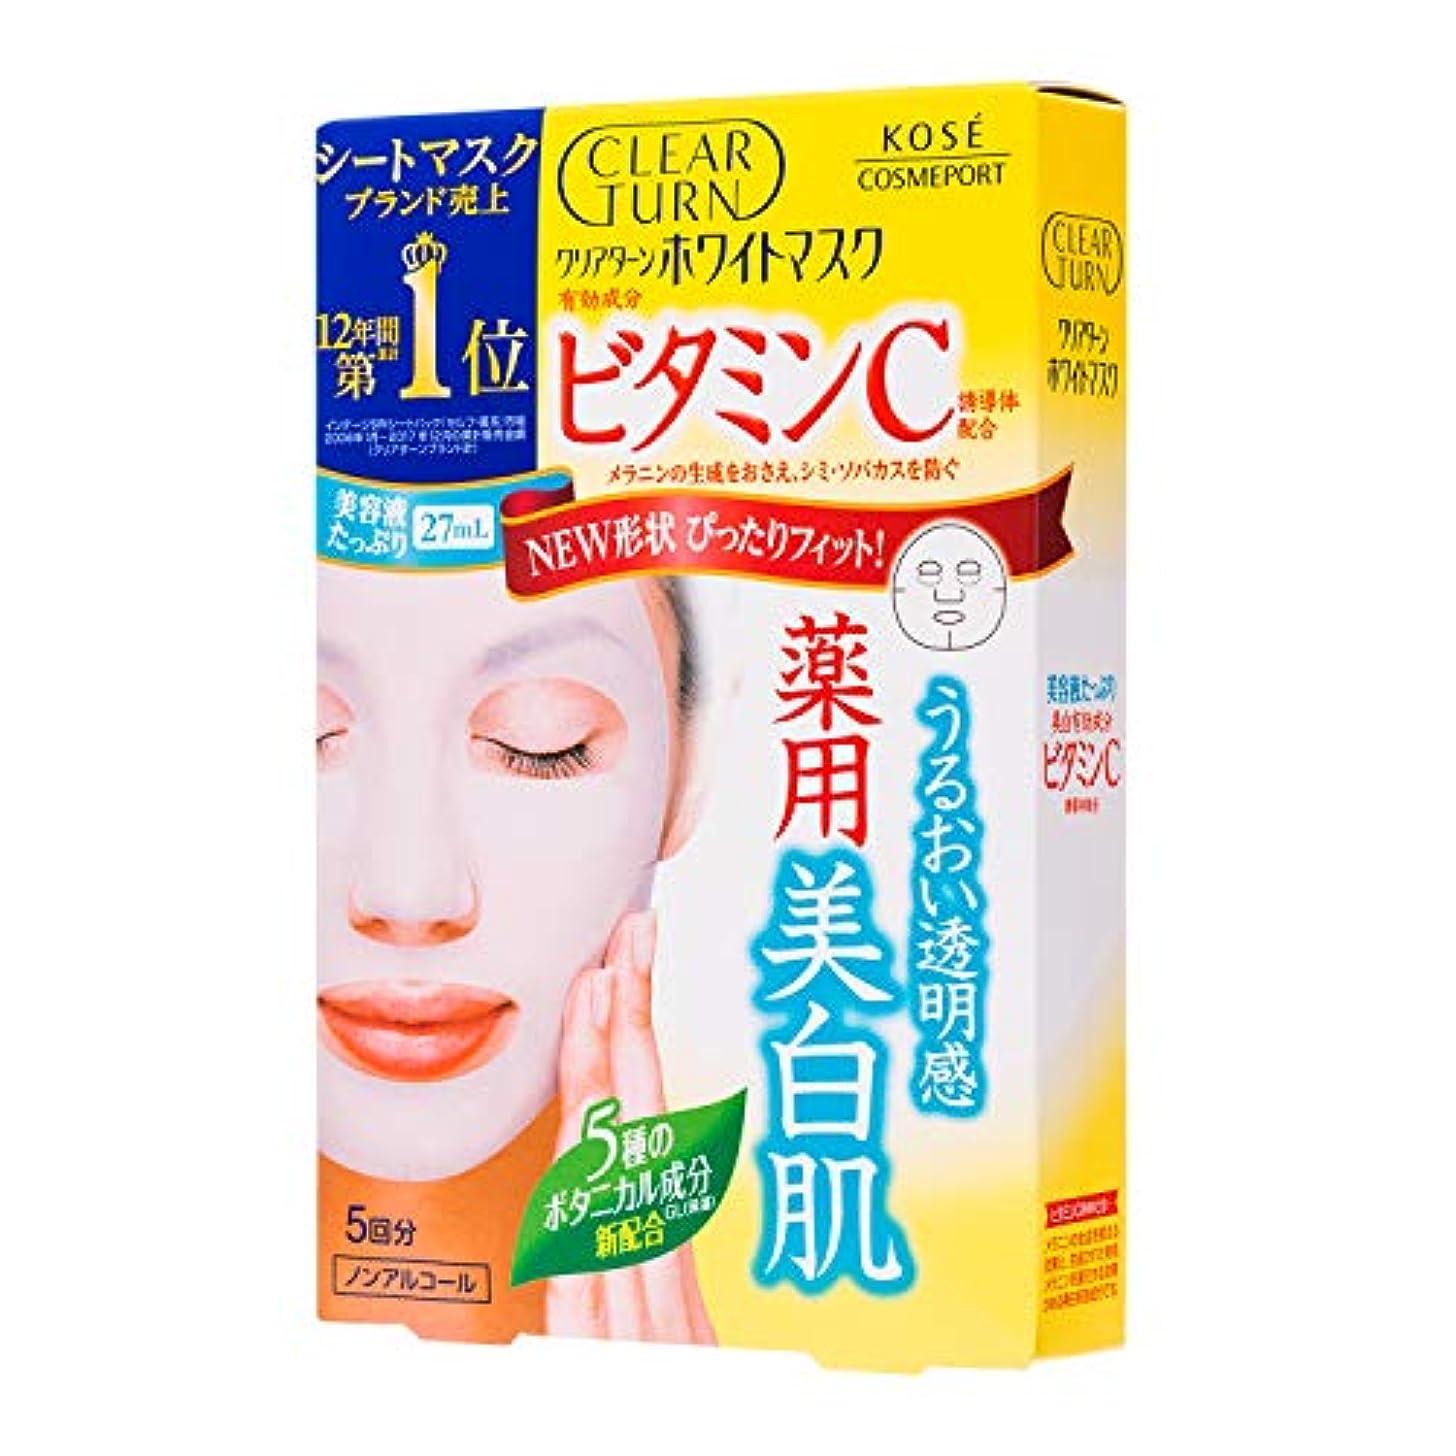 パット不良予防接種KOSE コーセー クリアターン ホワイト マスク VC (ビタミンC) 5枚 フェイスマスク